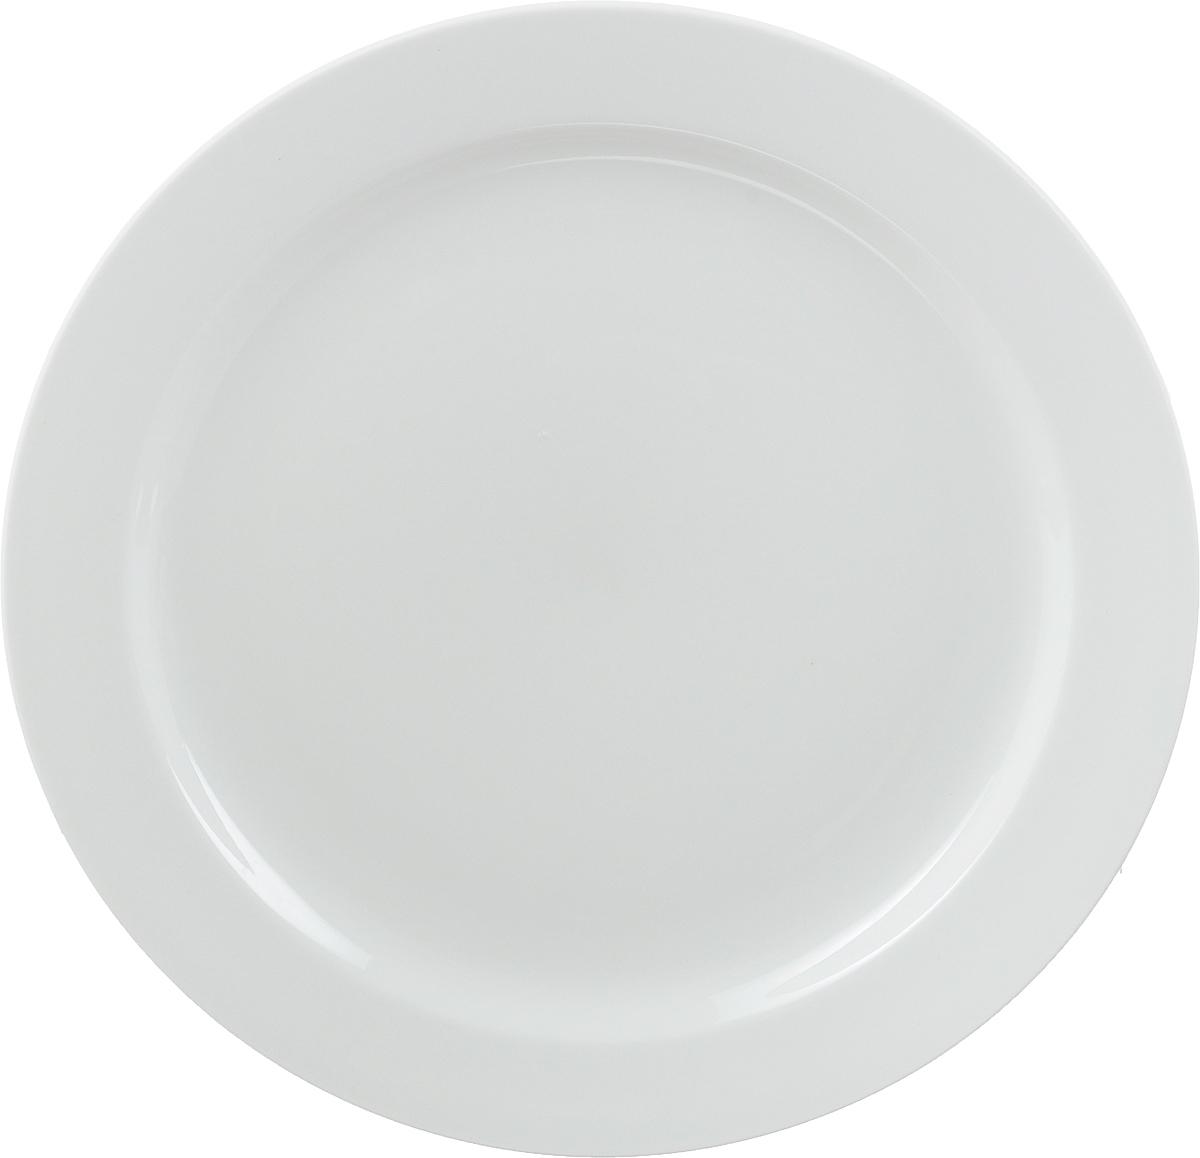 Тарелка мелкая Ariane Прайм, диаметр 27 смAPRARN17027Мелкая тарелка Ariane Прайм, изготовленная из высококачественного фарфора, имеет классическую круглую форму с узким бортом. Такая тарелка отлично подойдет в качестве блюда для сервировки закусок, нарезок, горячих блюд. Изделие прекрасно впишется в интерьер вашей кухни и станет достойным дополнением к кухонному инвентарю. Тарелка Ariane Прайм подчеркнет прекрасный вкус хозяйки и станет отличным подарком. Можно мыть в посудомоечной машине и использовать в микроволновой печи. Высота тарелки: 2 см. Диаметр тарелки: 27 см.